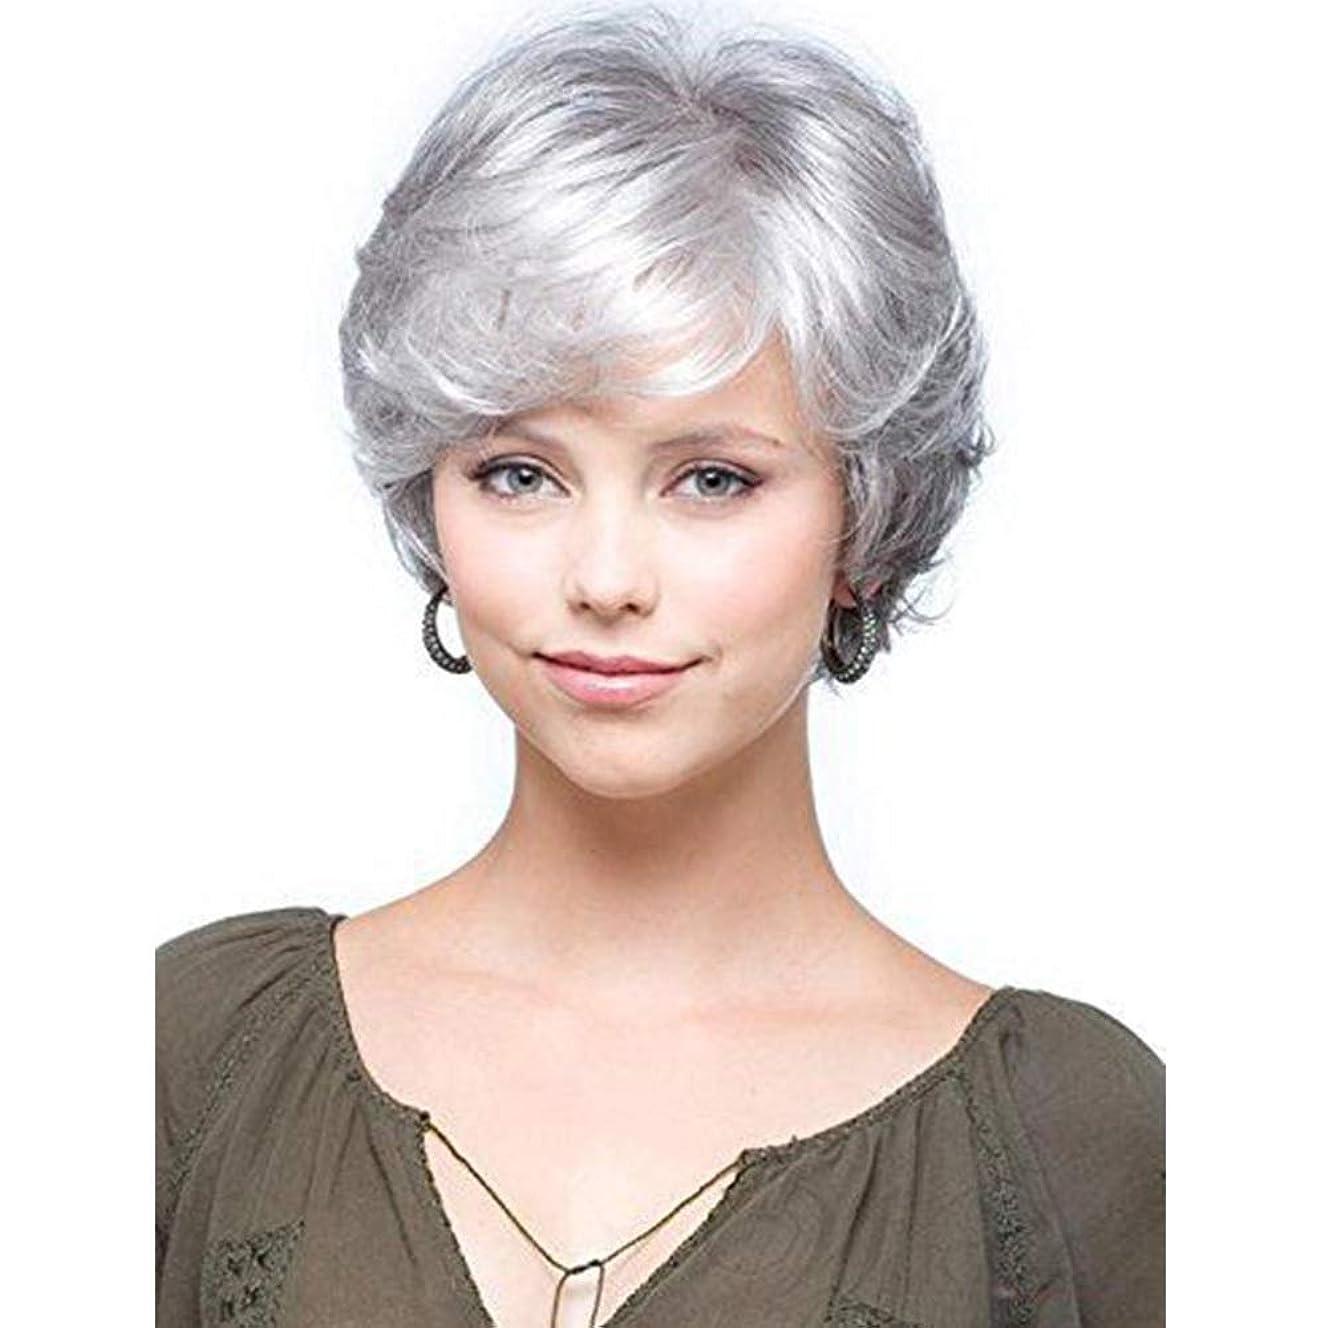 いつ原油のれんYrattary 中年の女性のシルバーグレーのショートヘアふわふわヘアウィッグコスプレウィッグ (色 : グレー)